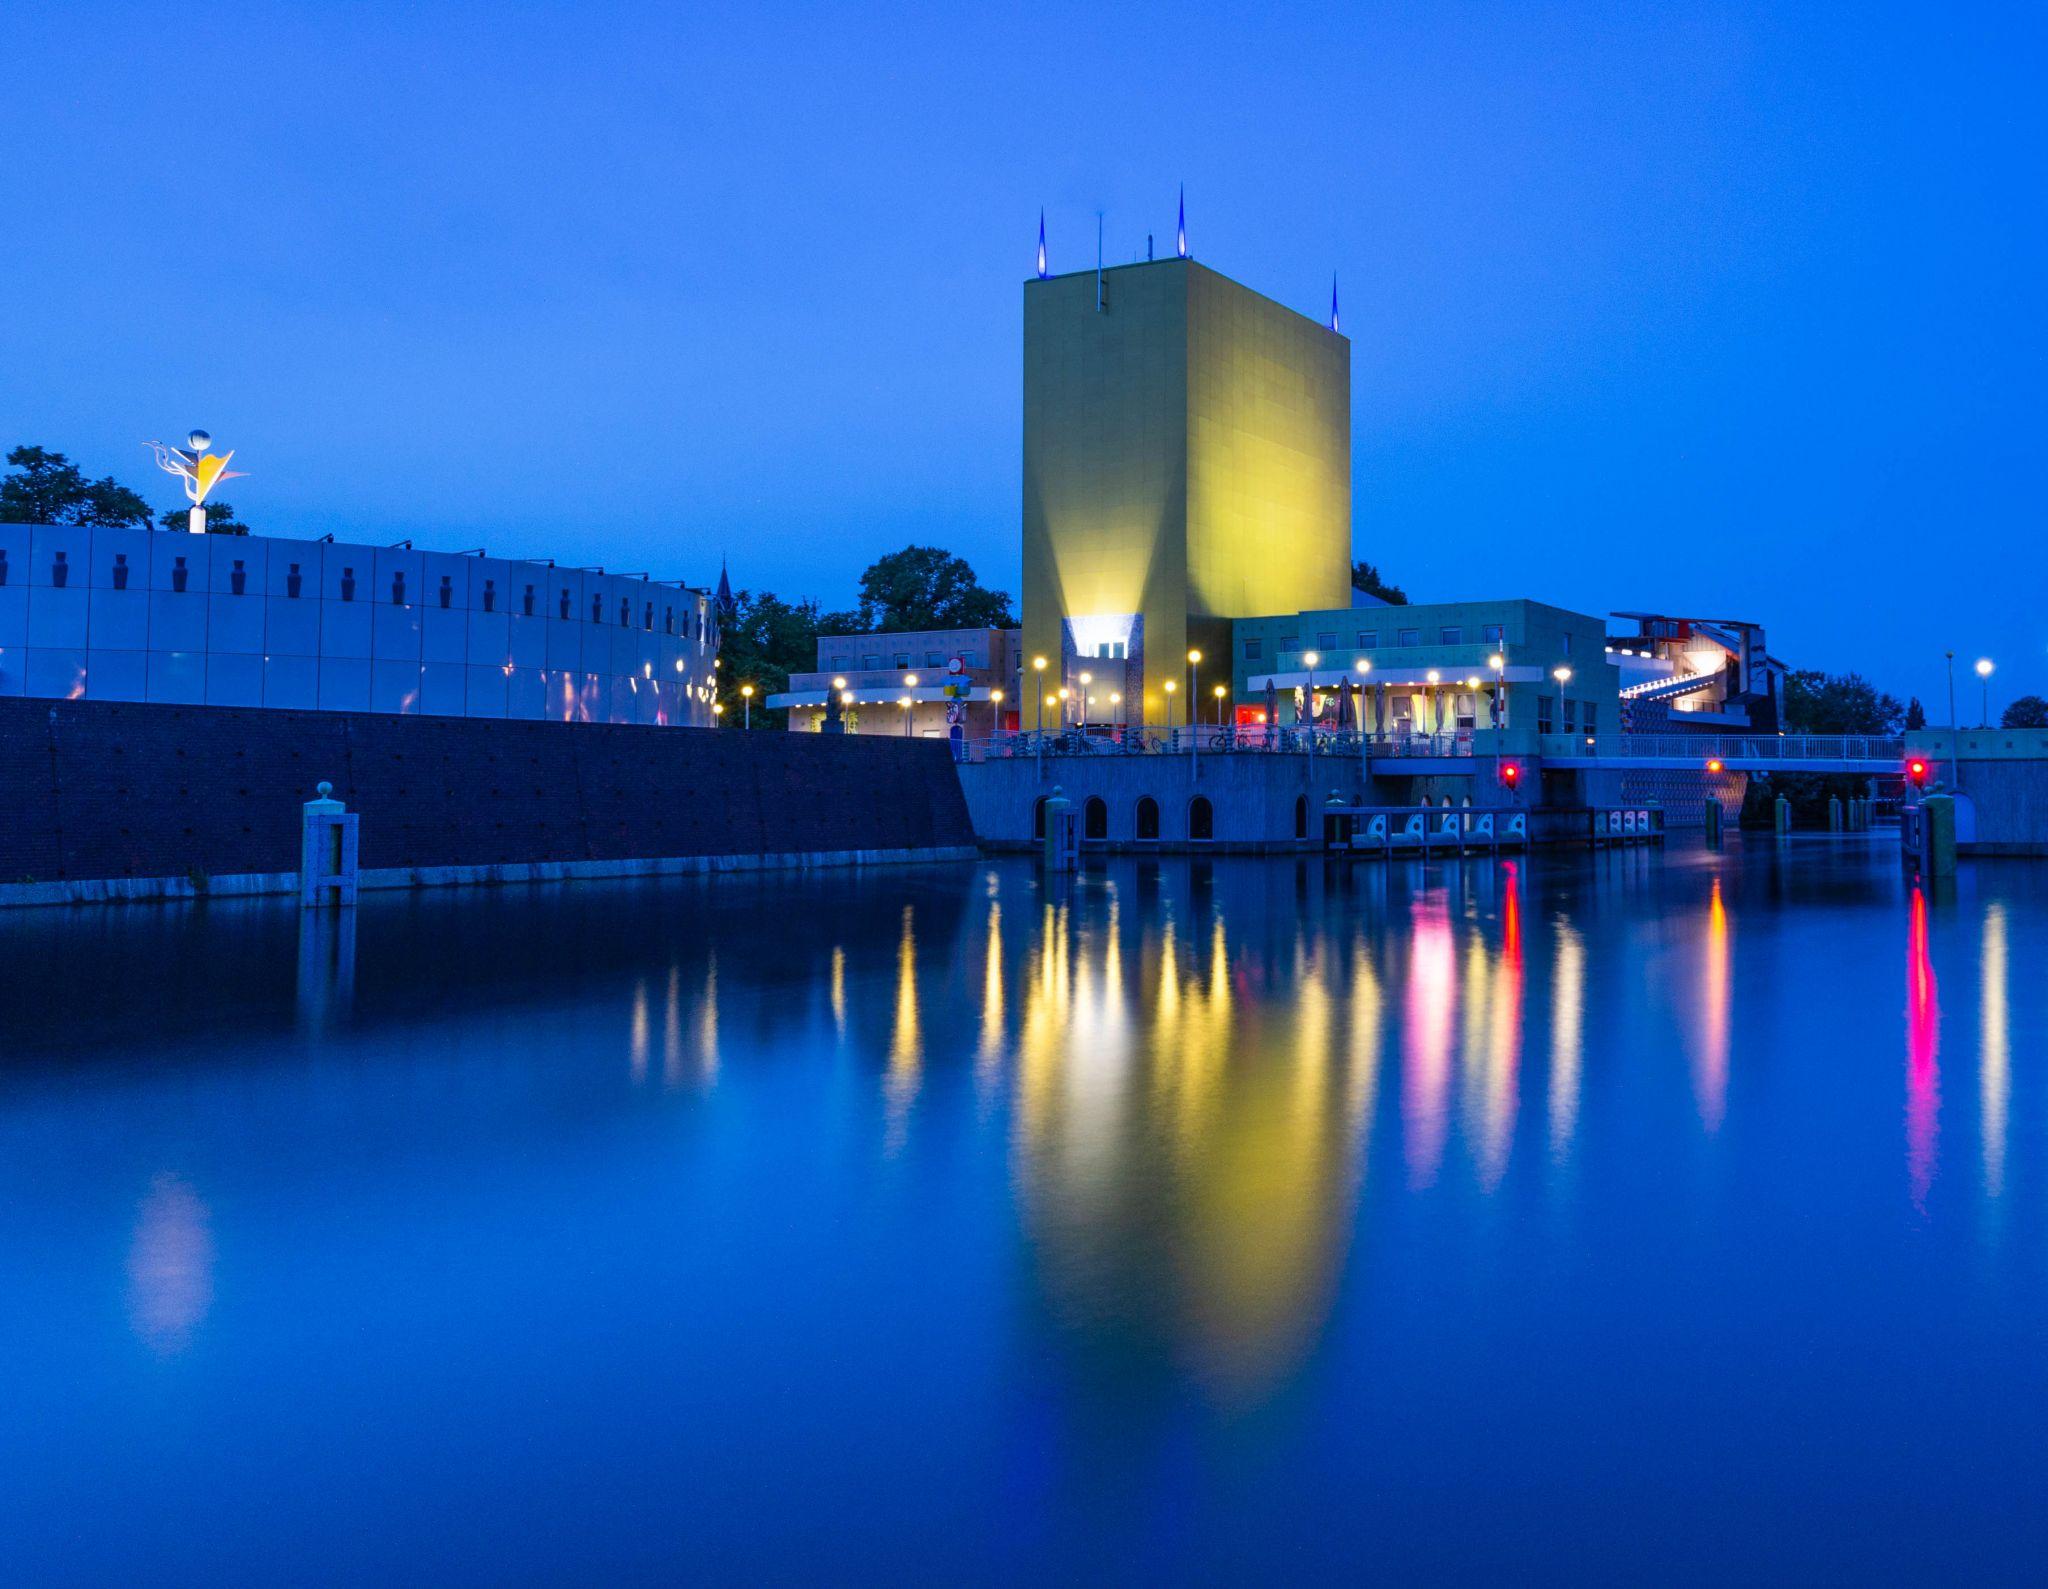 The Groninger Museum of Modern Art, Netherlands